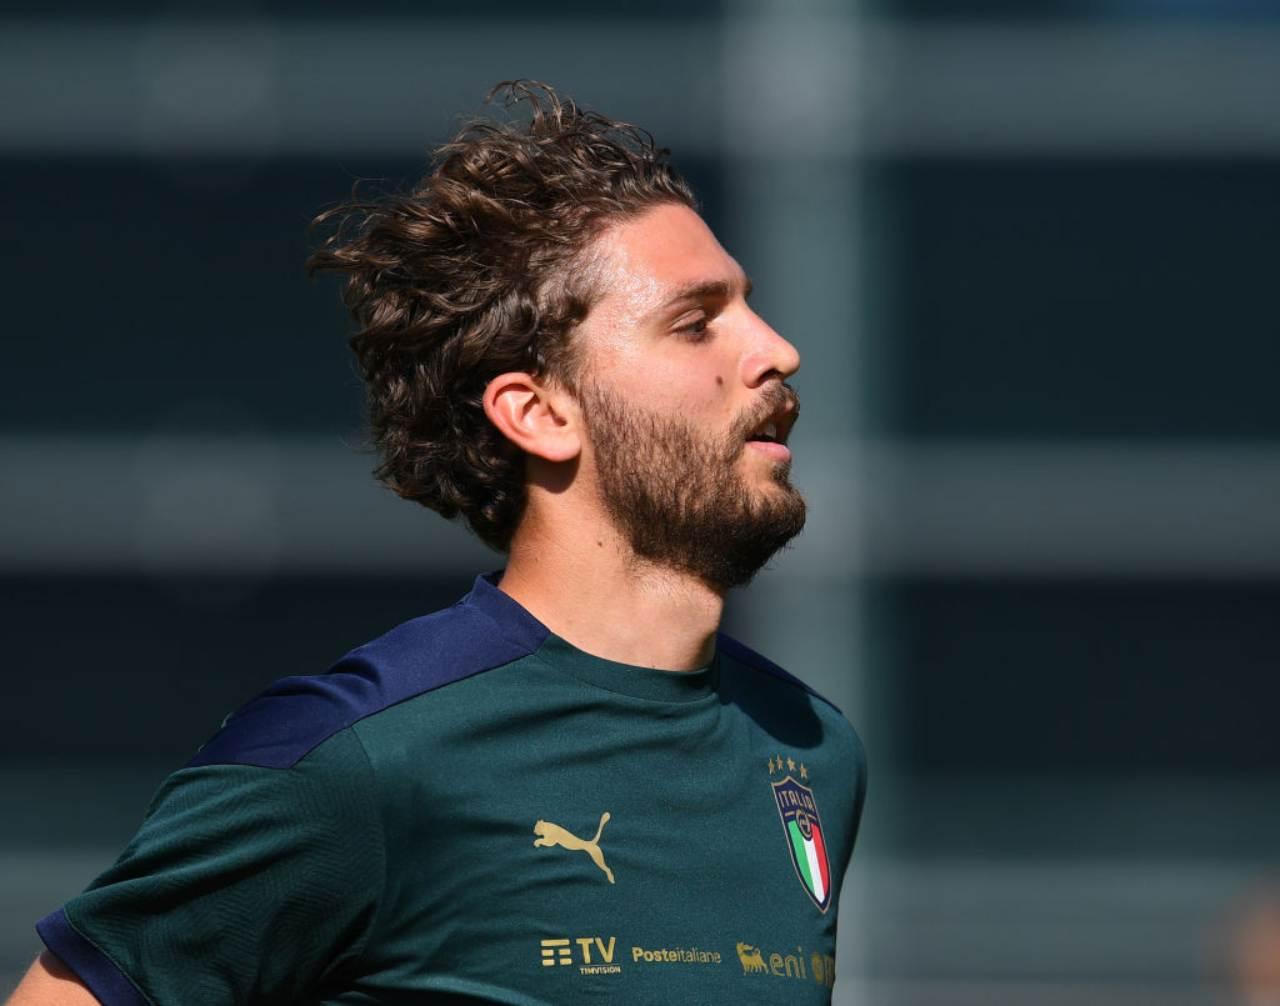 Calciomercato Juventus, chi tra Locatelli e Pjanic? Analisi e confronto